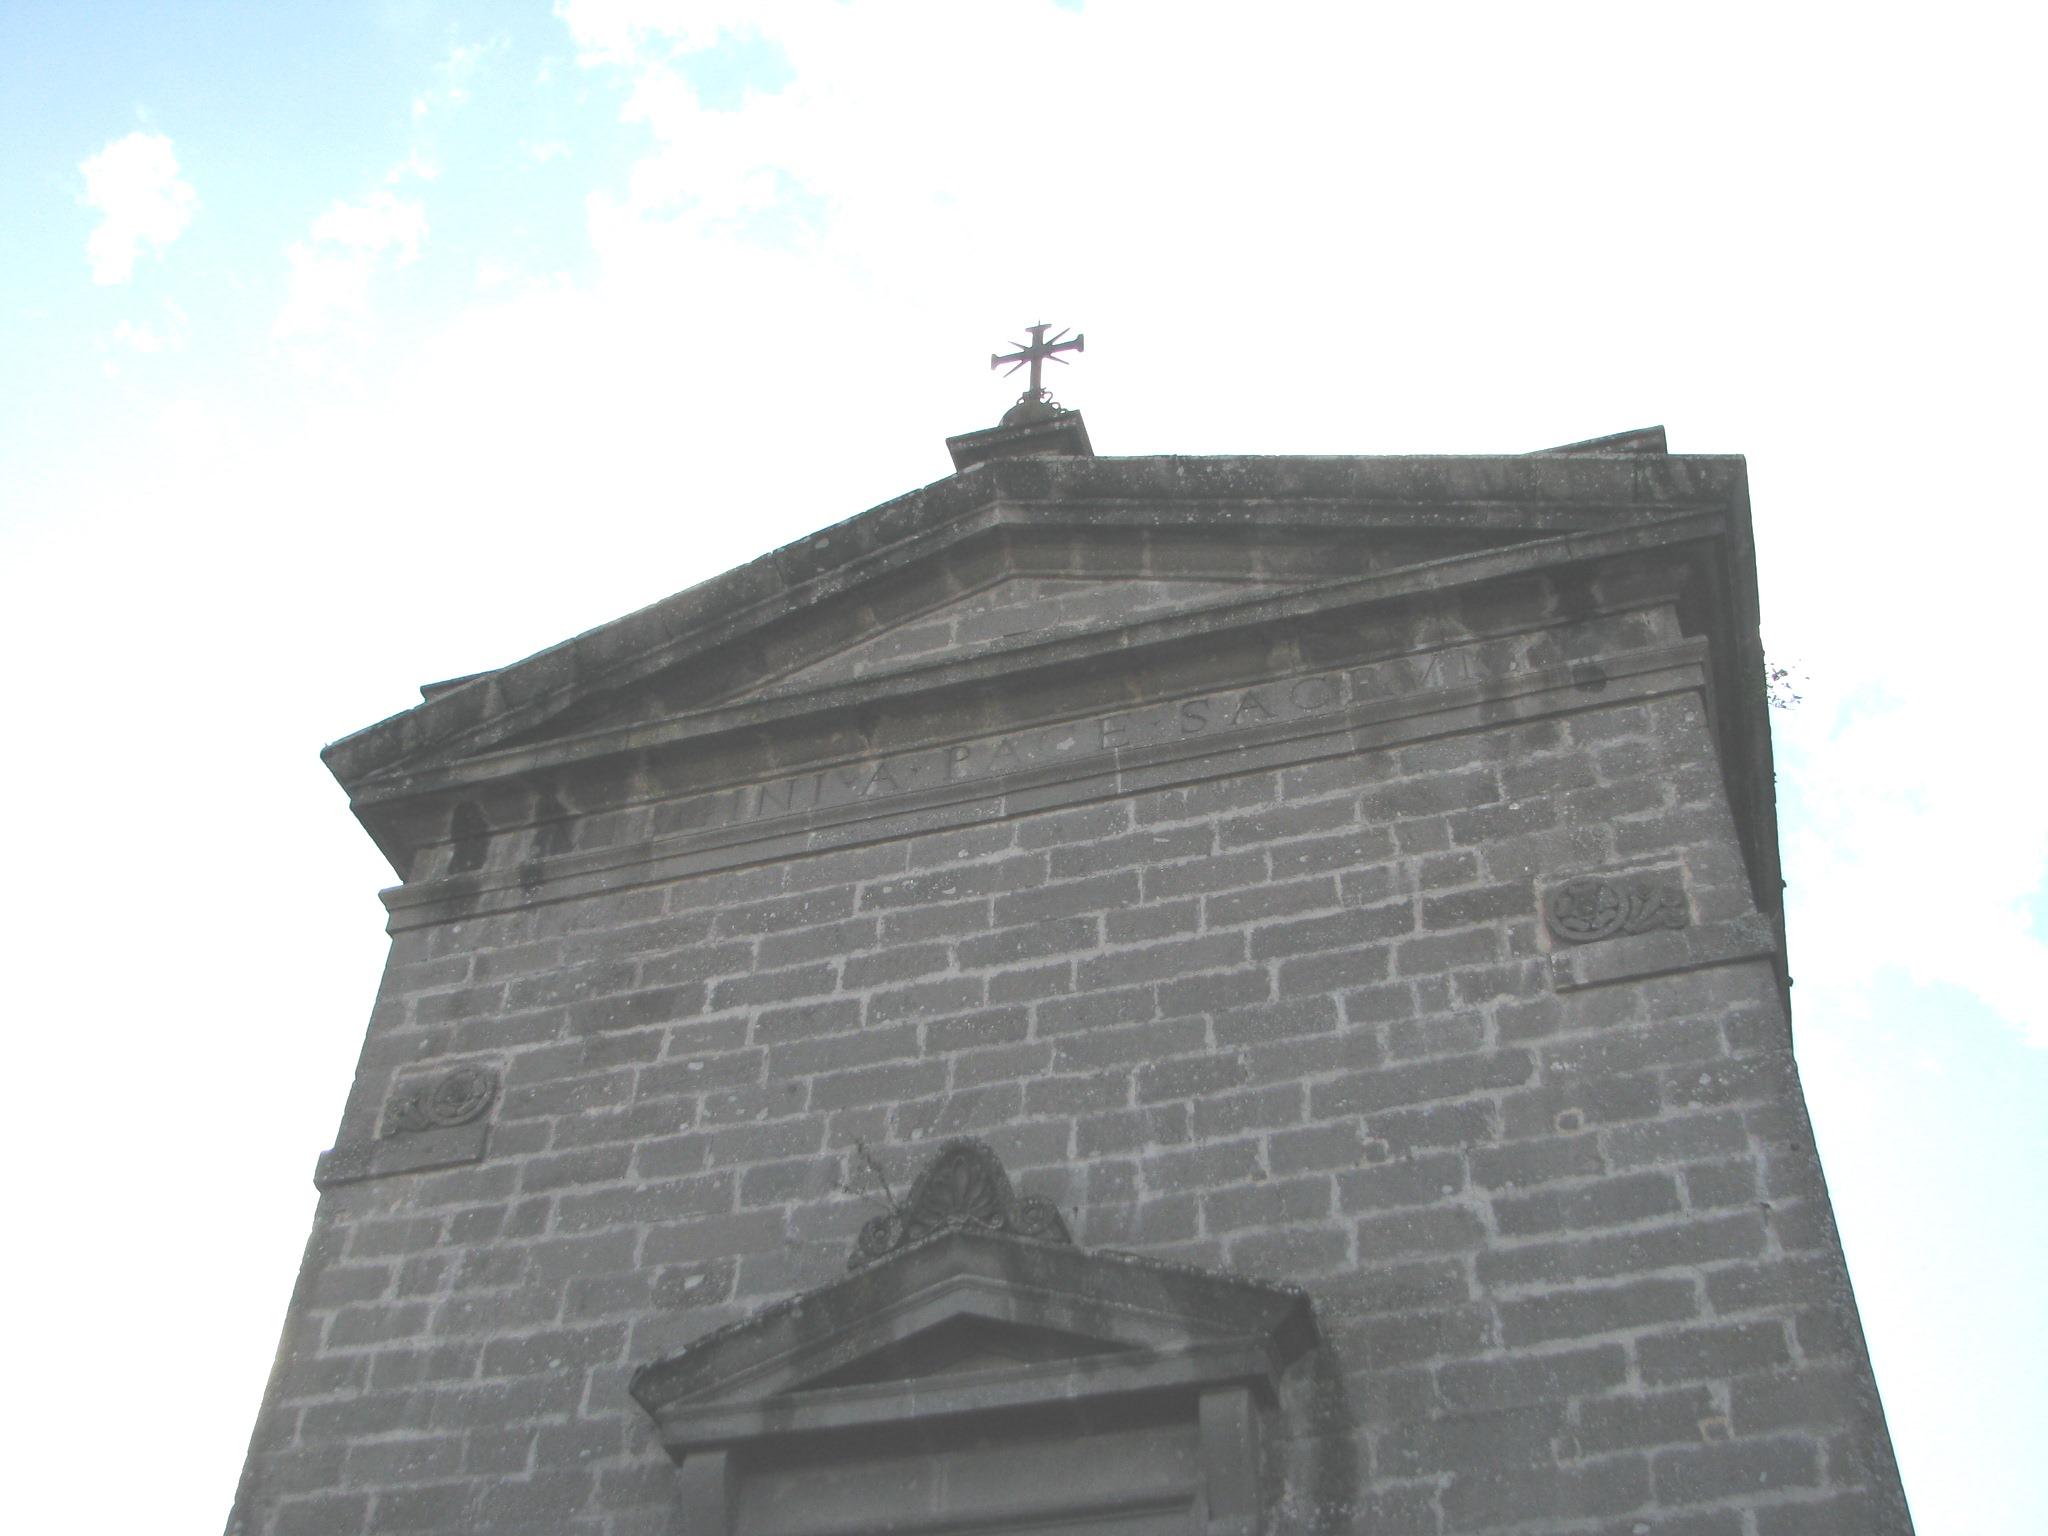 9 Patrica - Chiesa Madonna della Pace